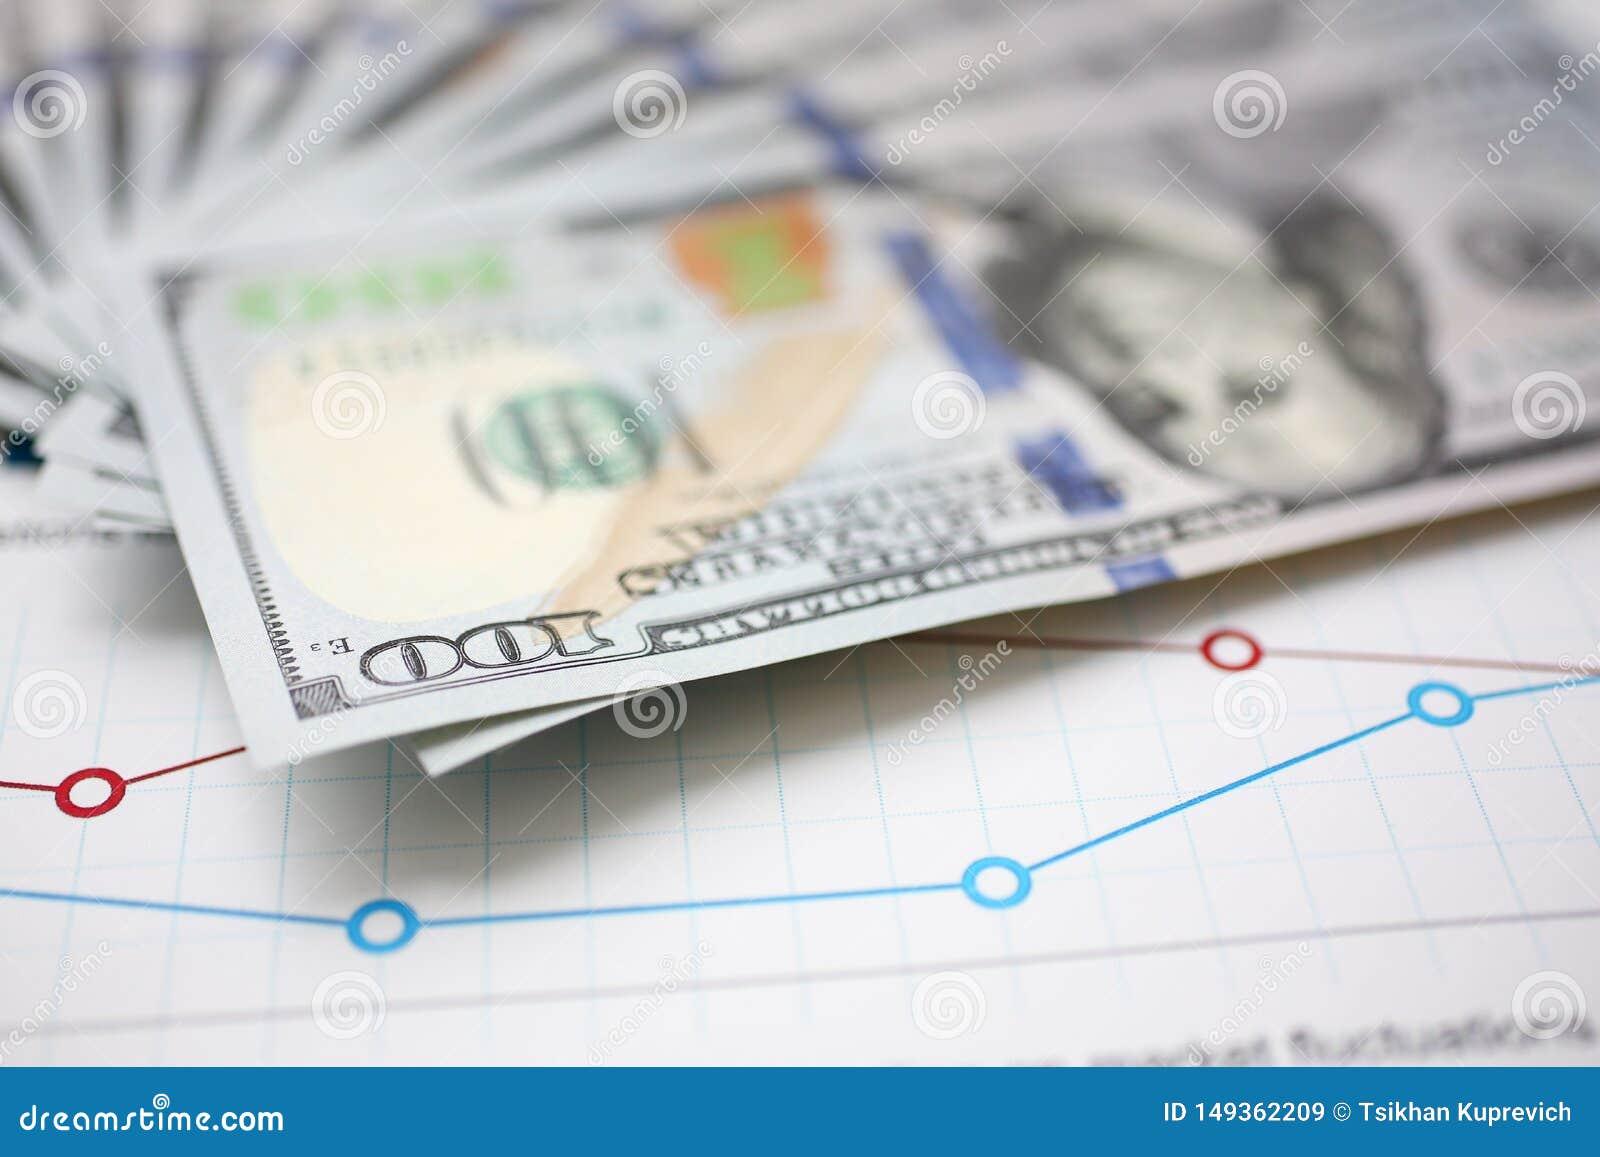 Bloco enorme do dinheiro dos E.U. que encontra-se para baixo no documento financeiro importante